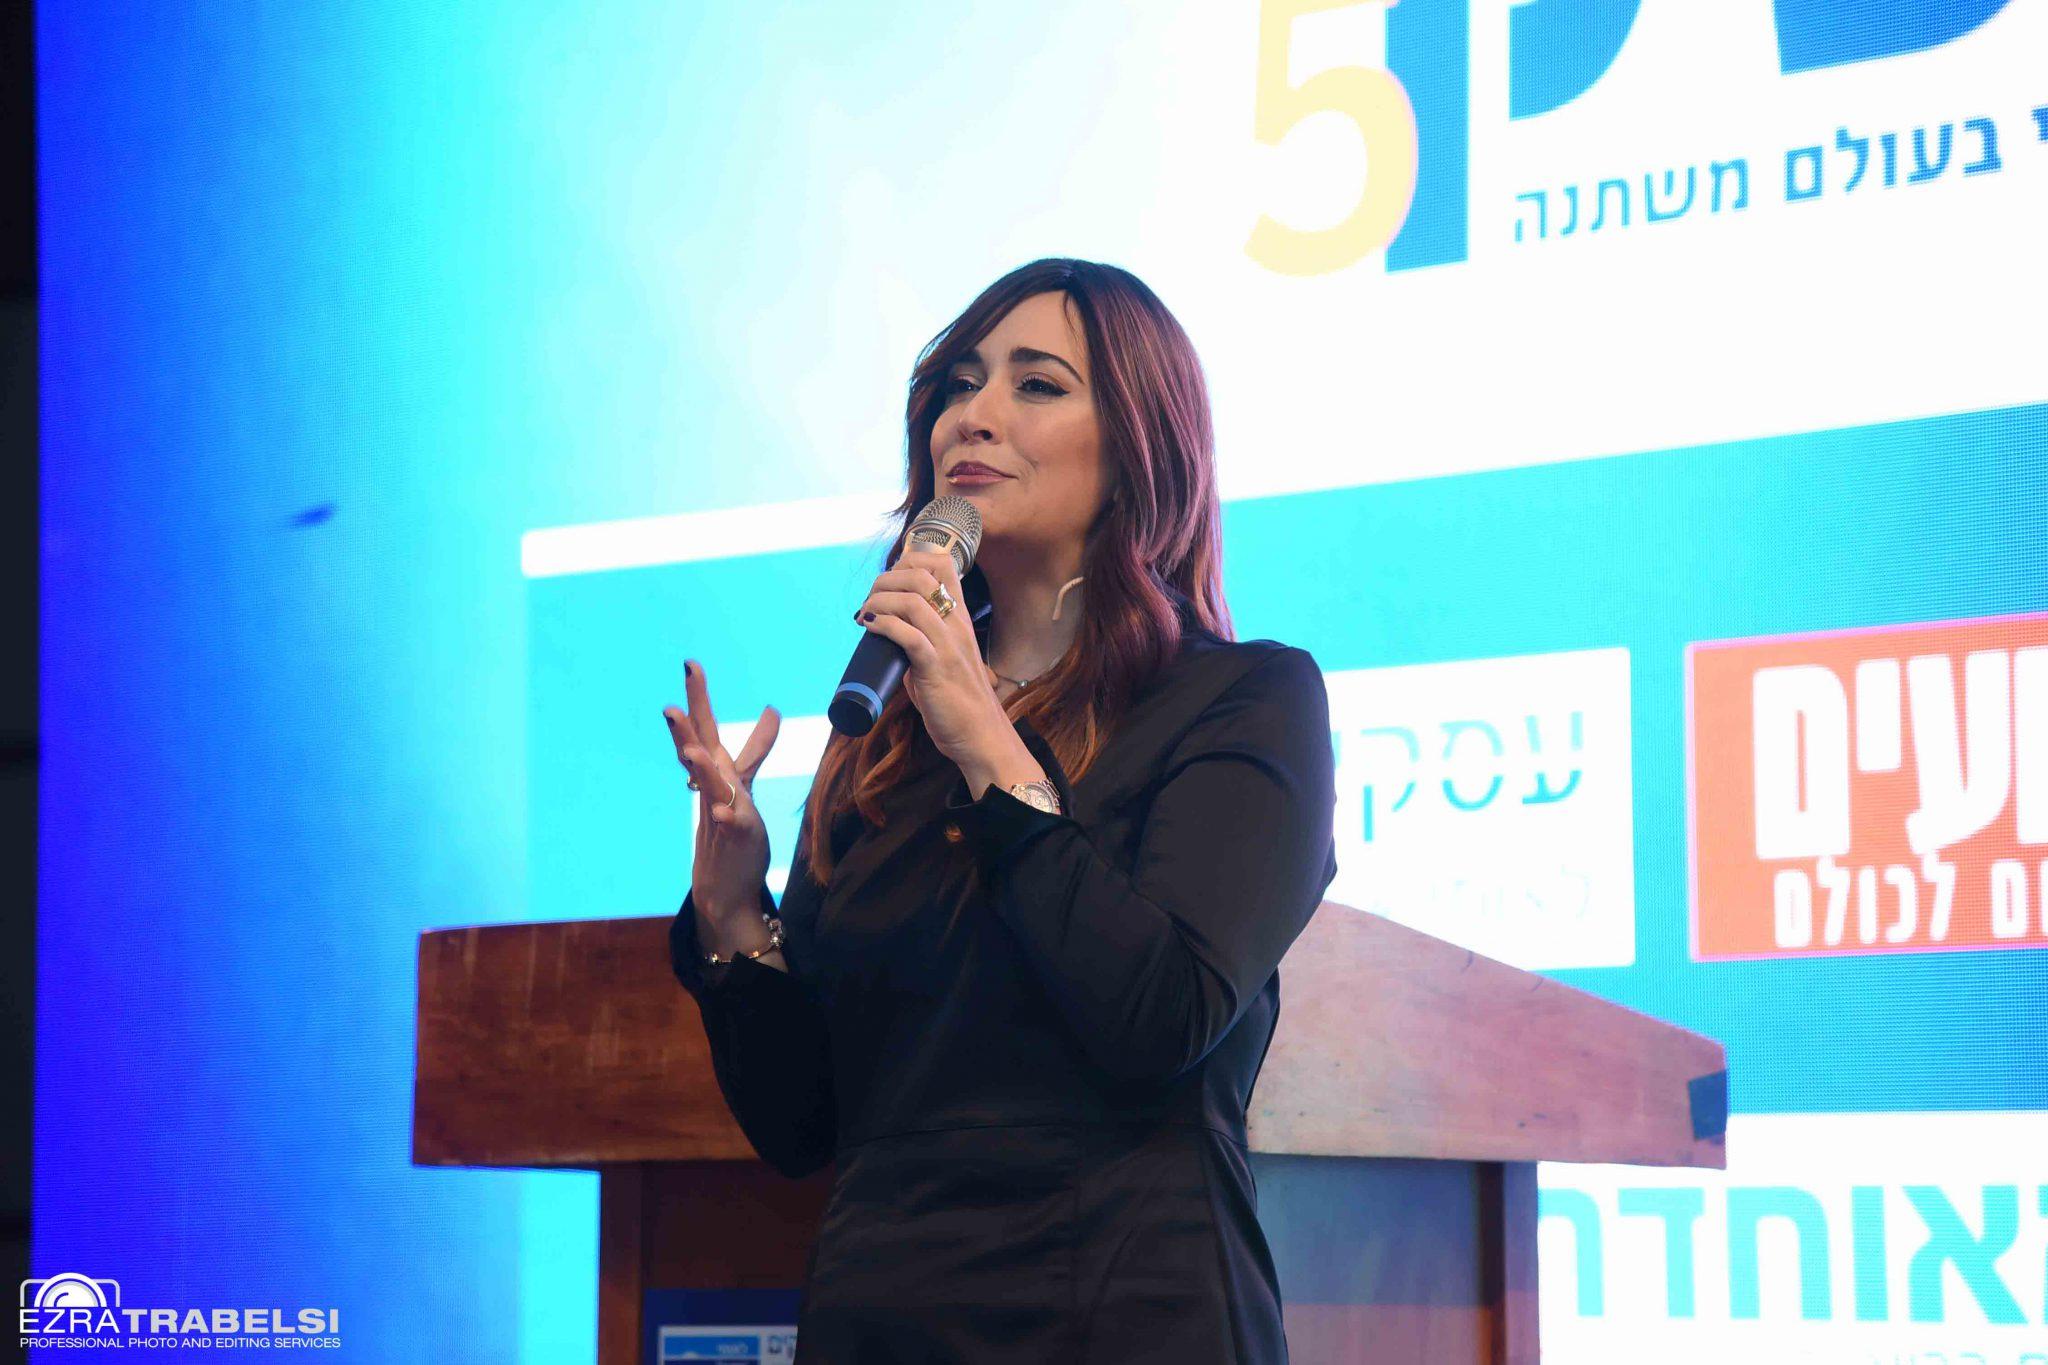 """סיקור מצולם: יותר מאלף נשים באירוע """"עושות עסק 5"""" של עיתון משפחה 7"""